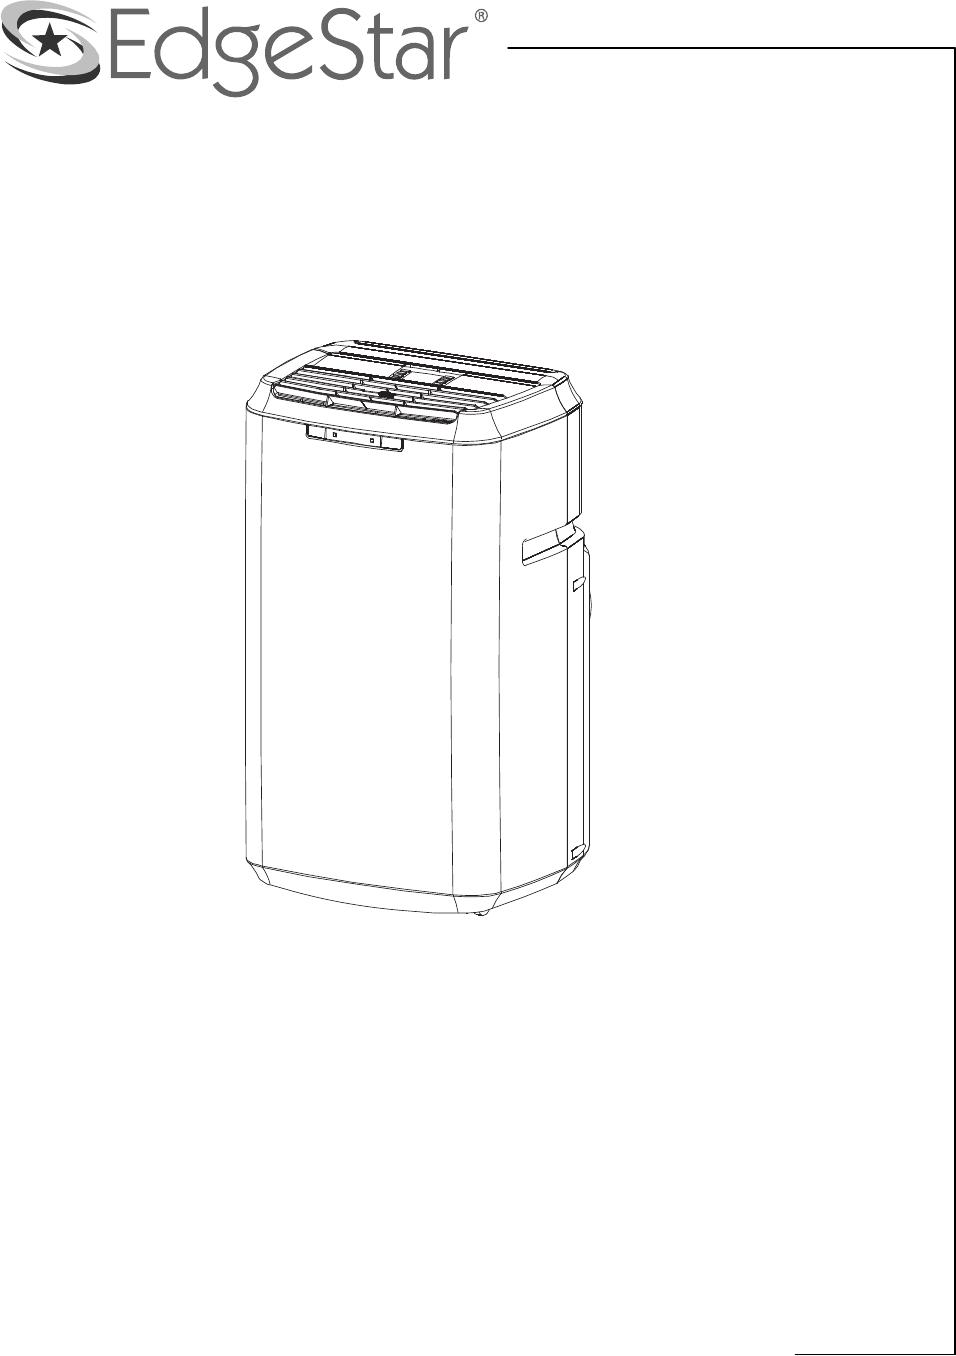 EdgeStar Air Conditioner AP14009COM User Guide